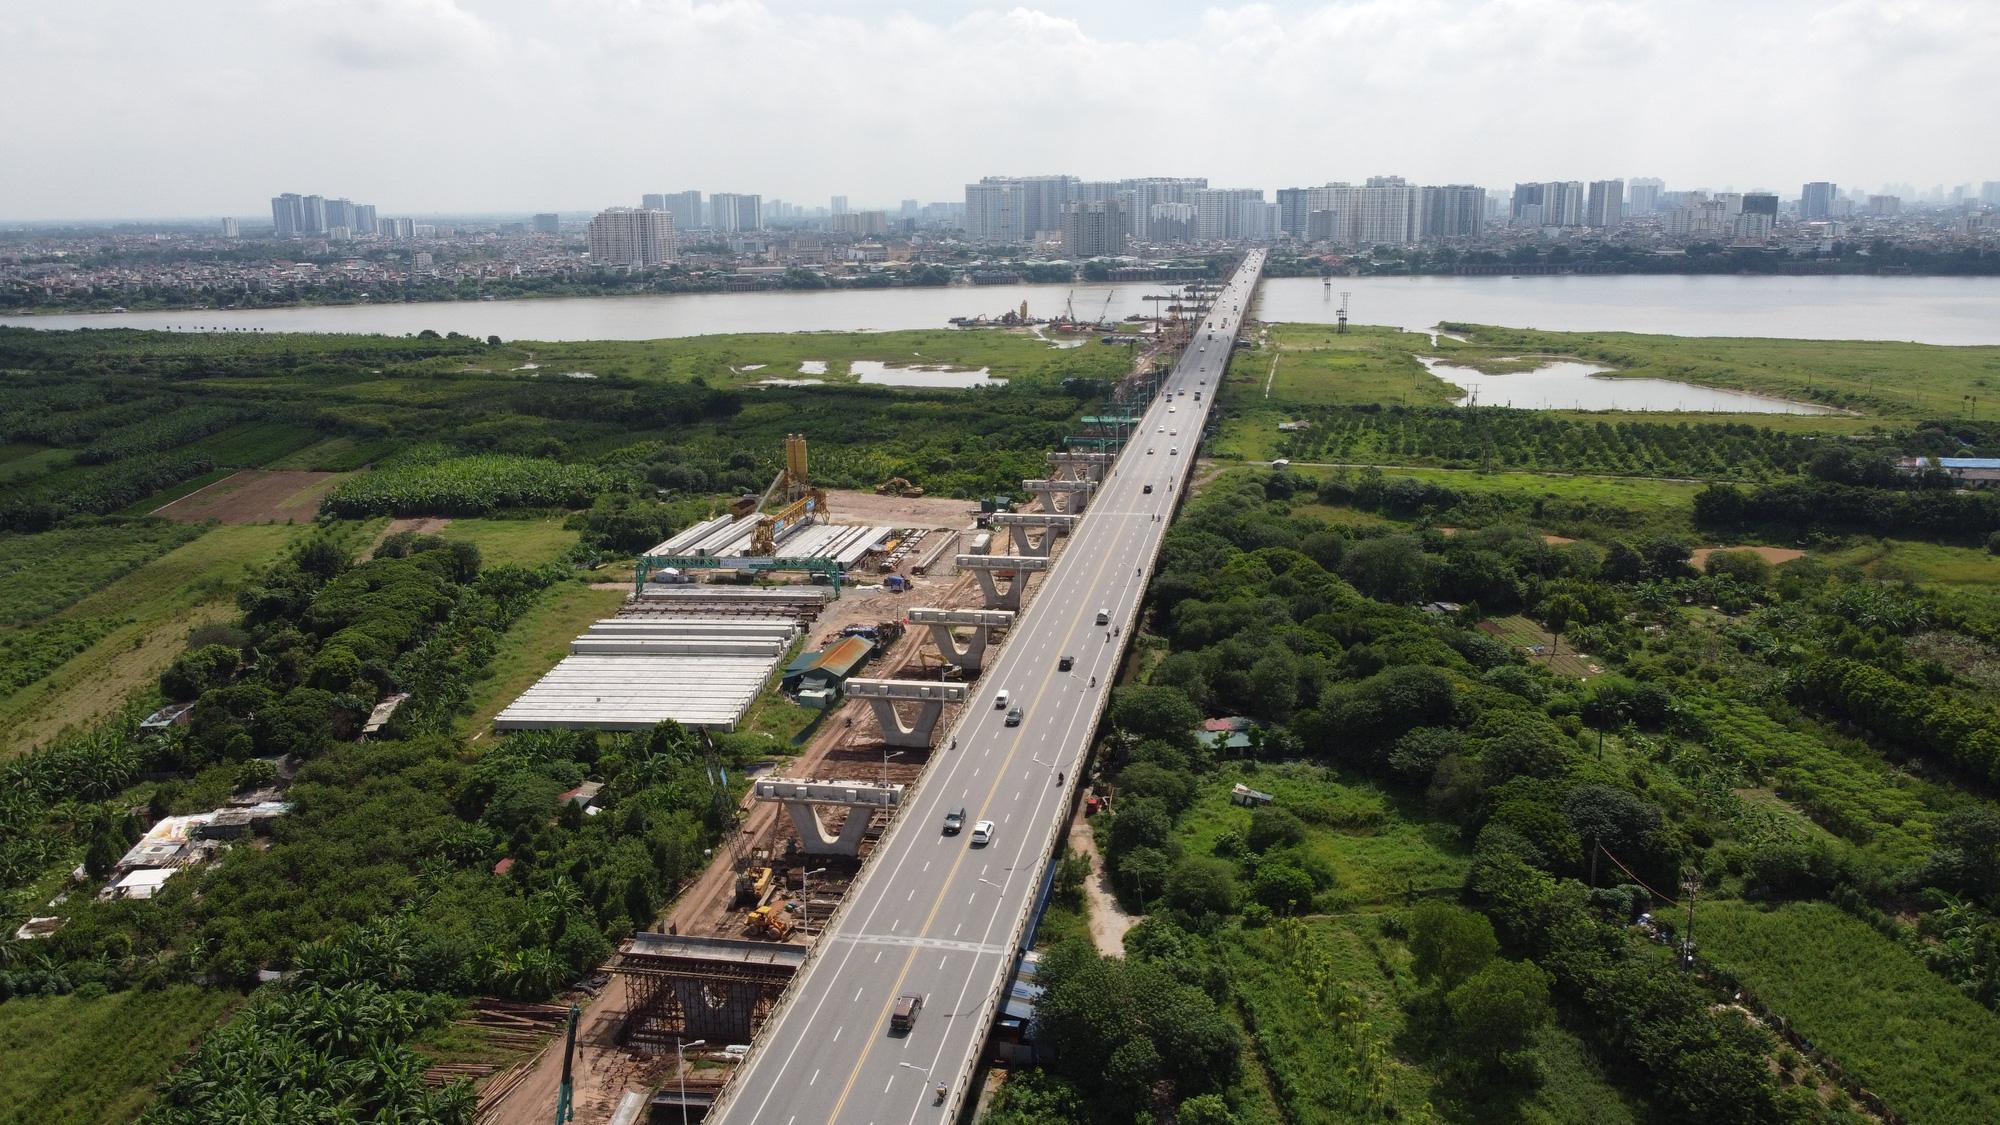 [Infographic] Ngoài cầu Trần Hưng Đạo, Hà Nội sẽ xây thêm bao nhiêu cầu vượt sông Hồng? - Ảnh 2.